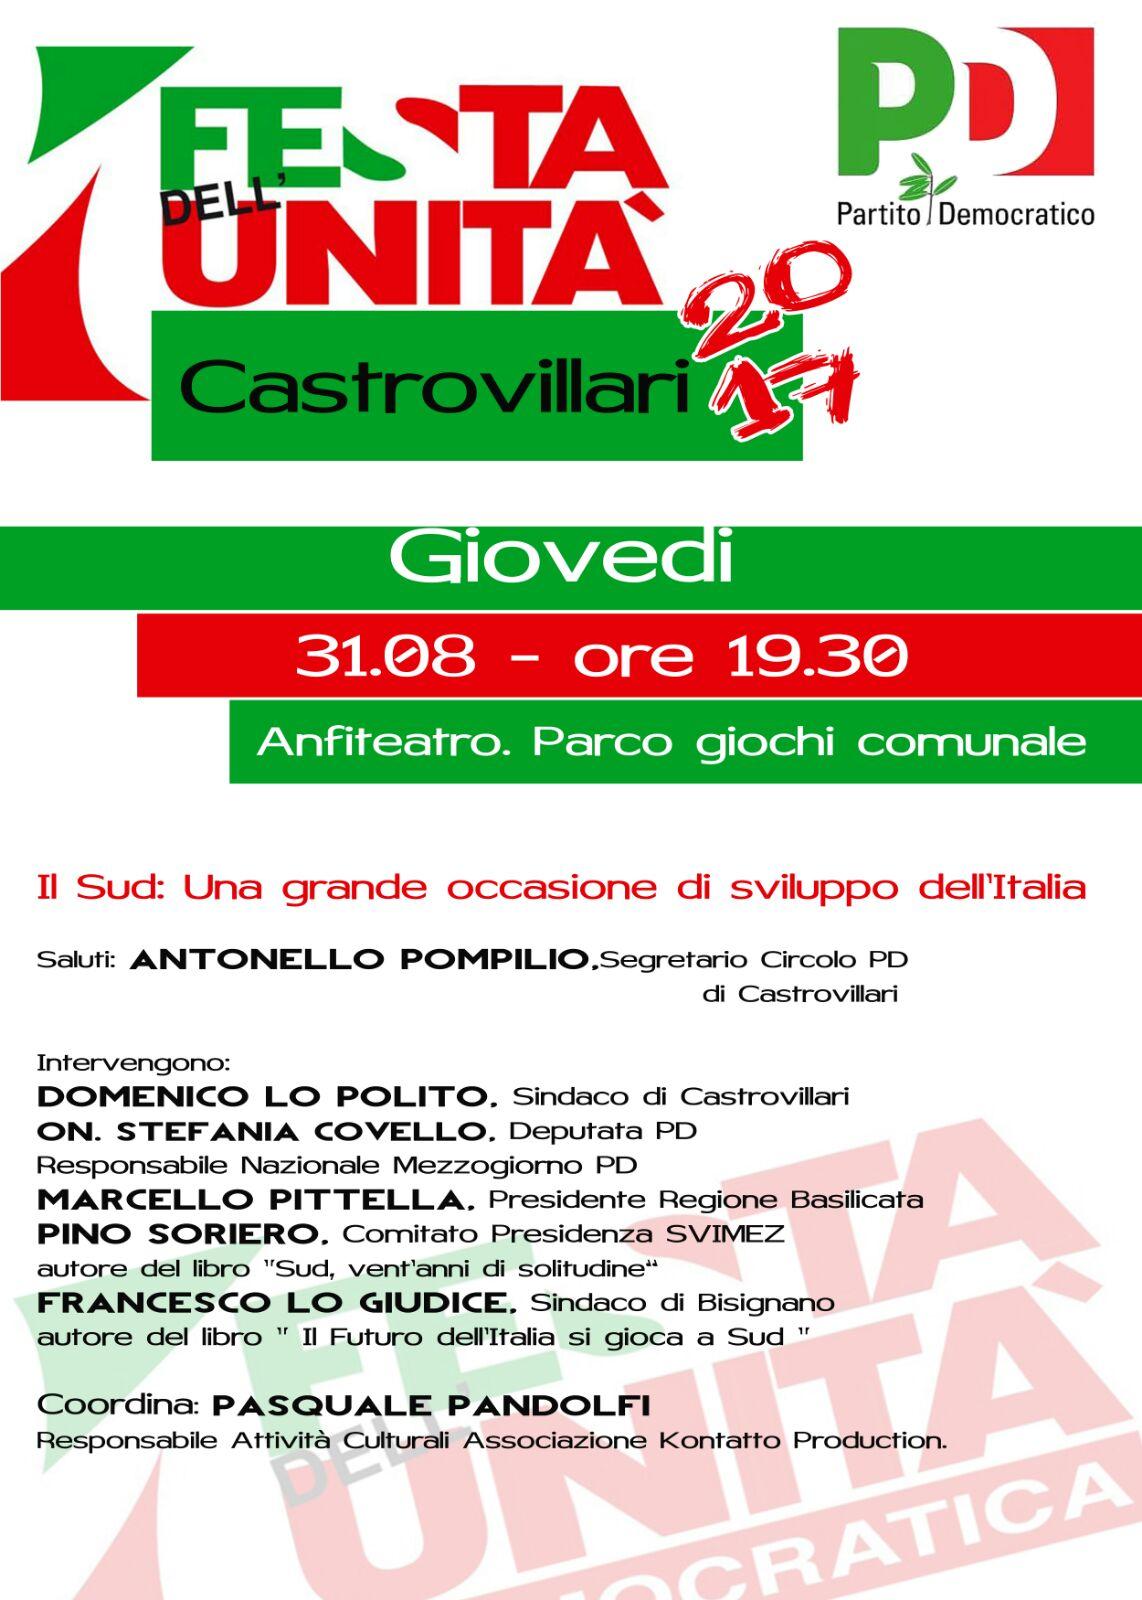 Festa PD Castrovillari - LameziaTerme.it